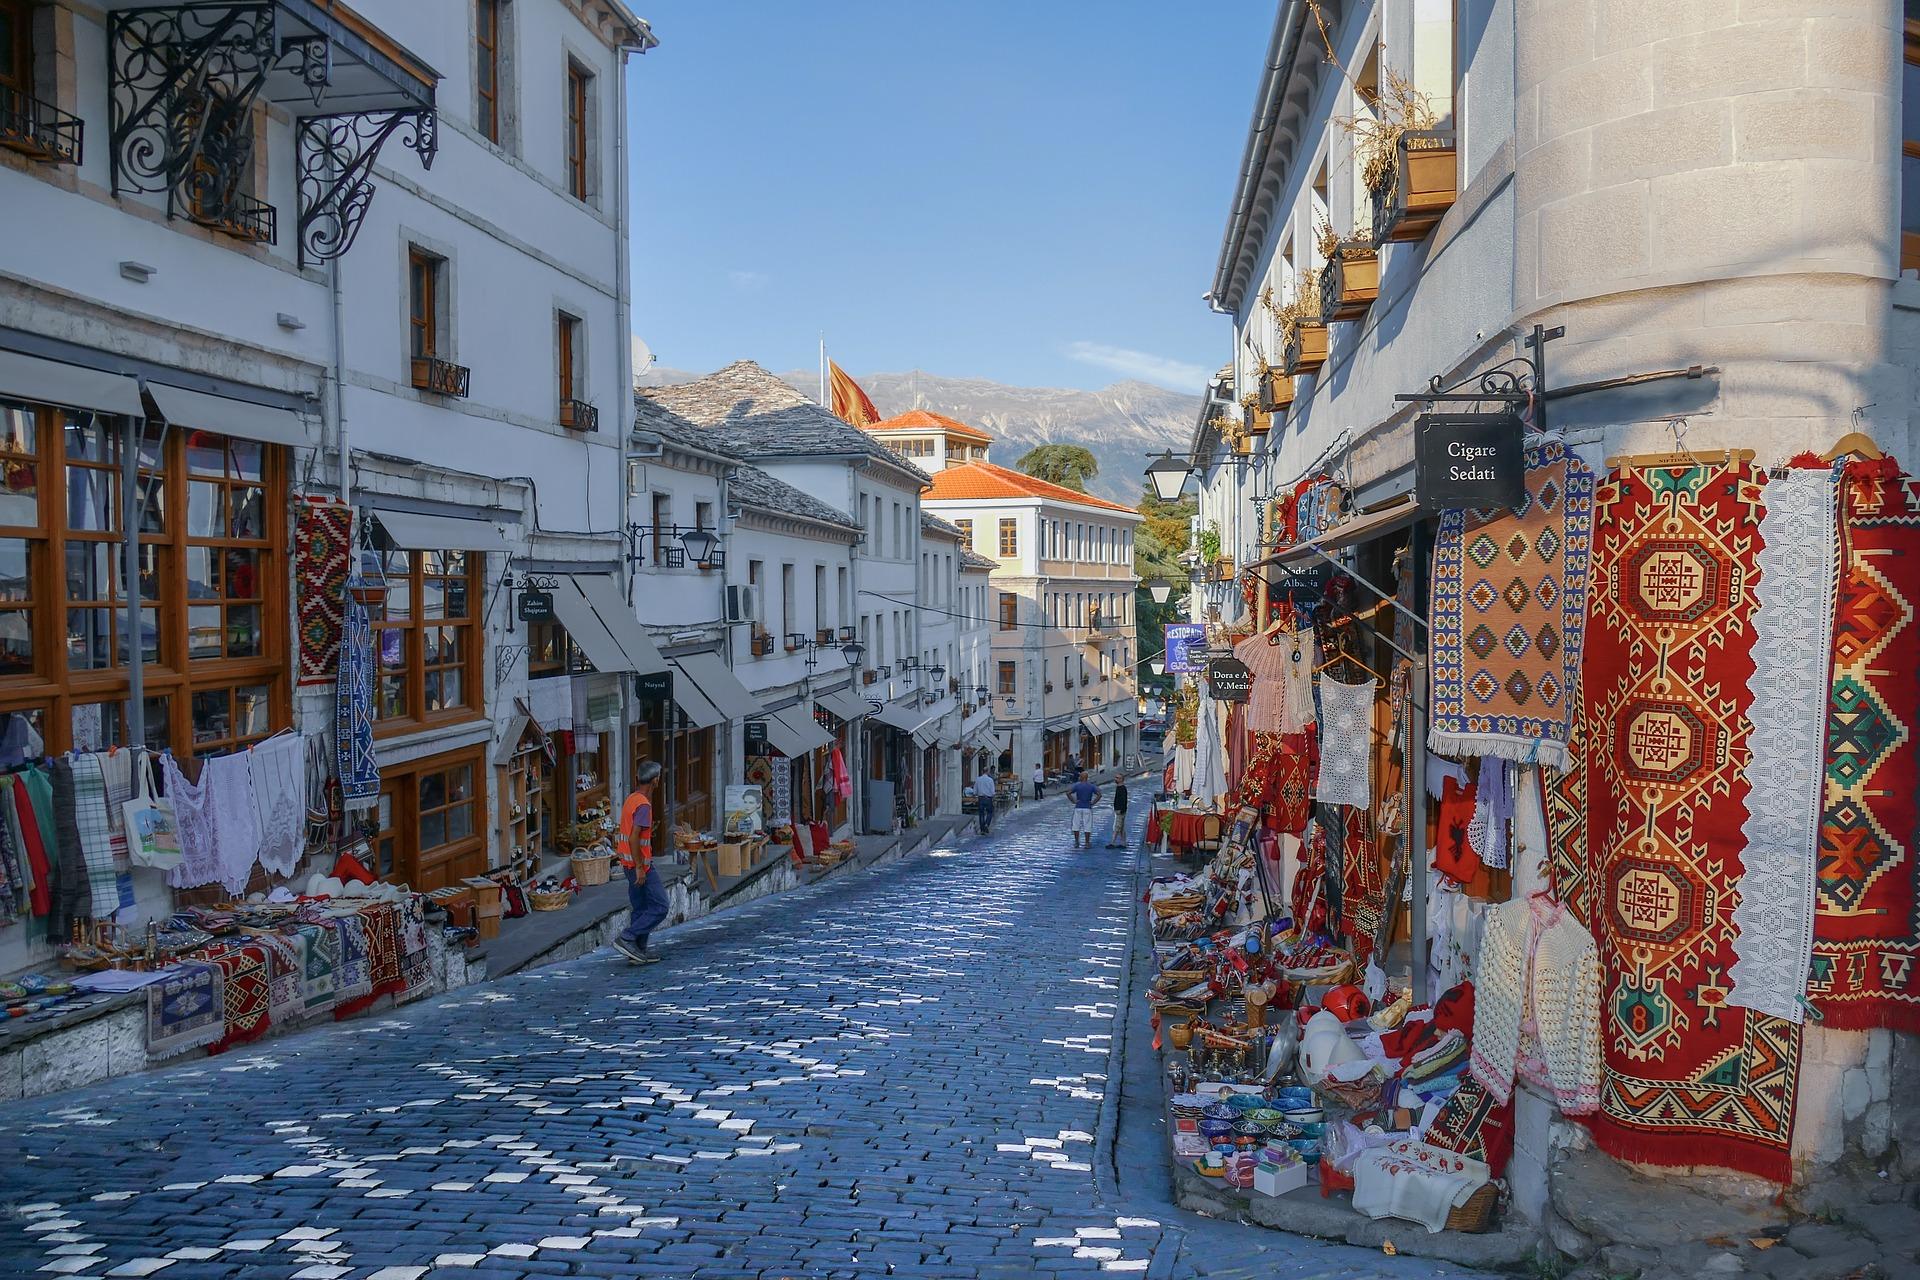 Albanie_CC0.jpg?1545563273